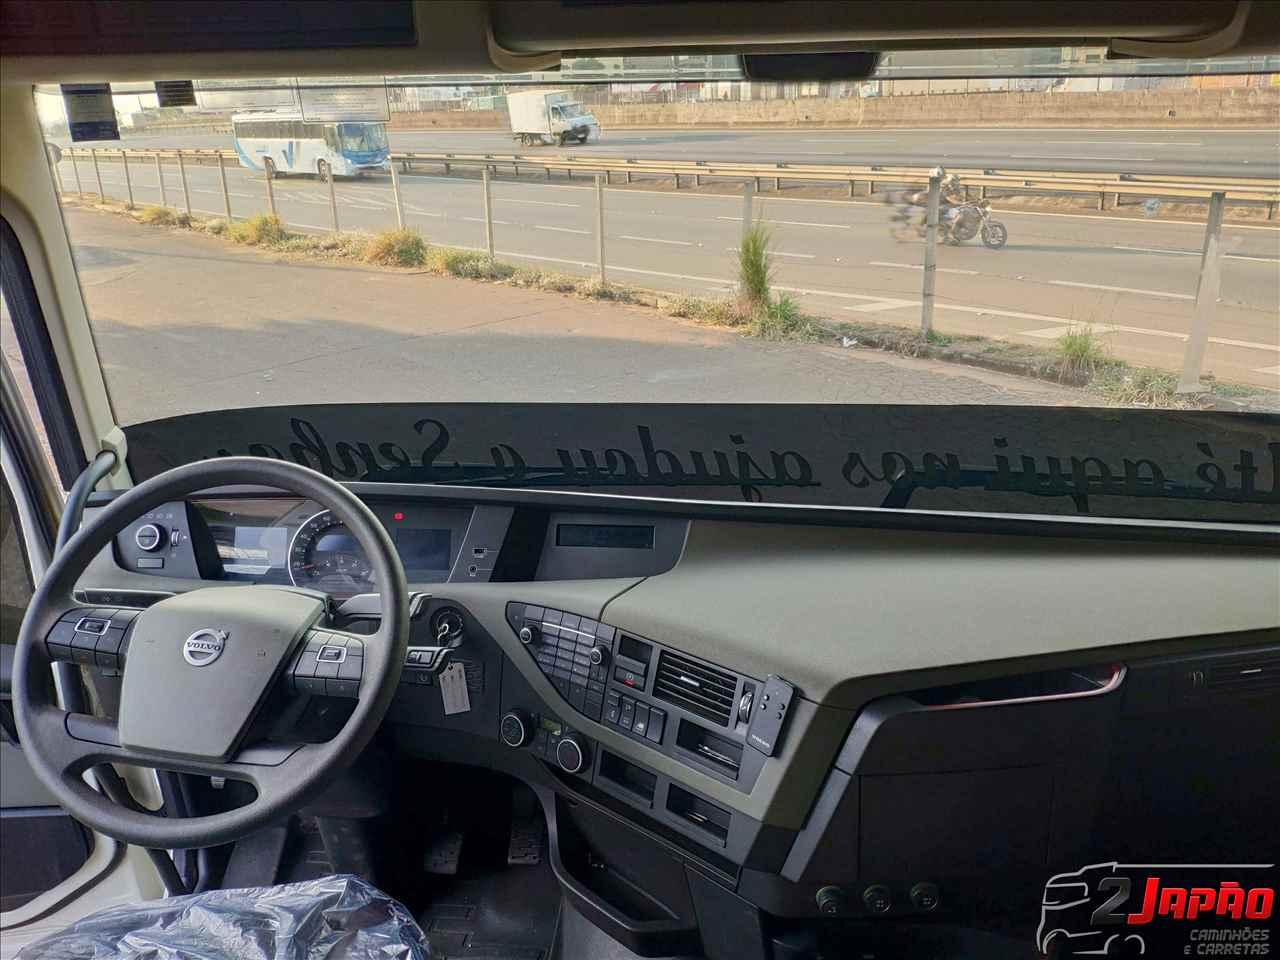 VOLVO VOLVO FH 460 140000km 2019/2020 2 Japão Caminhões e Carretas